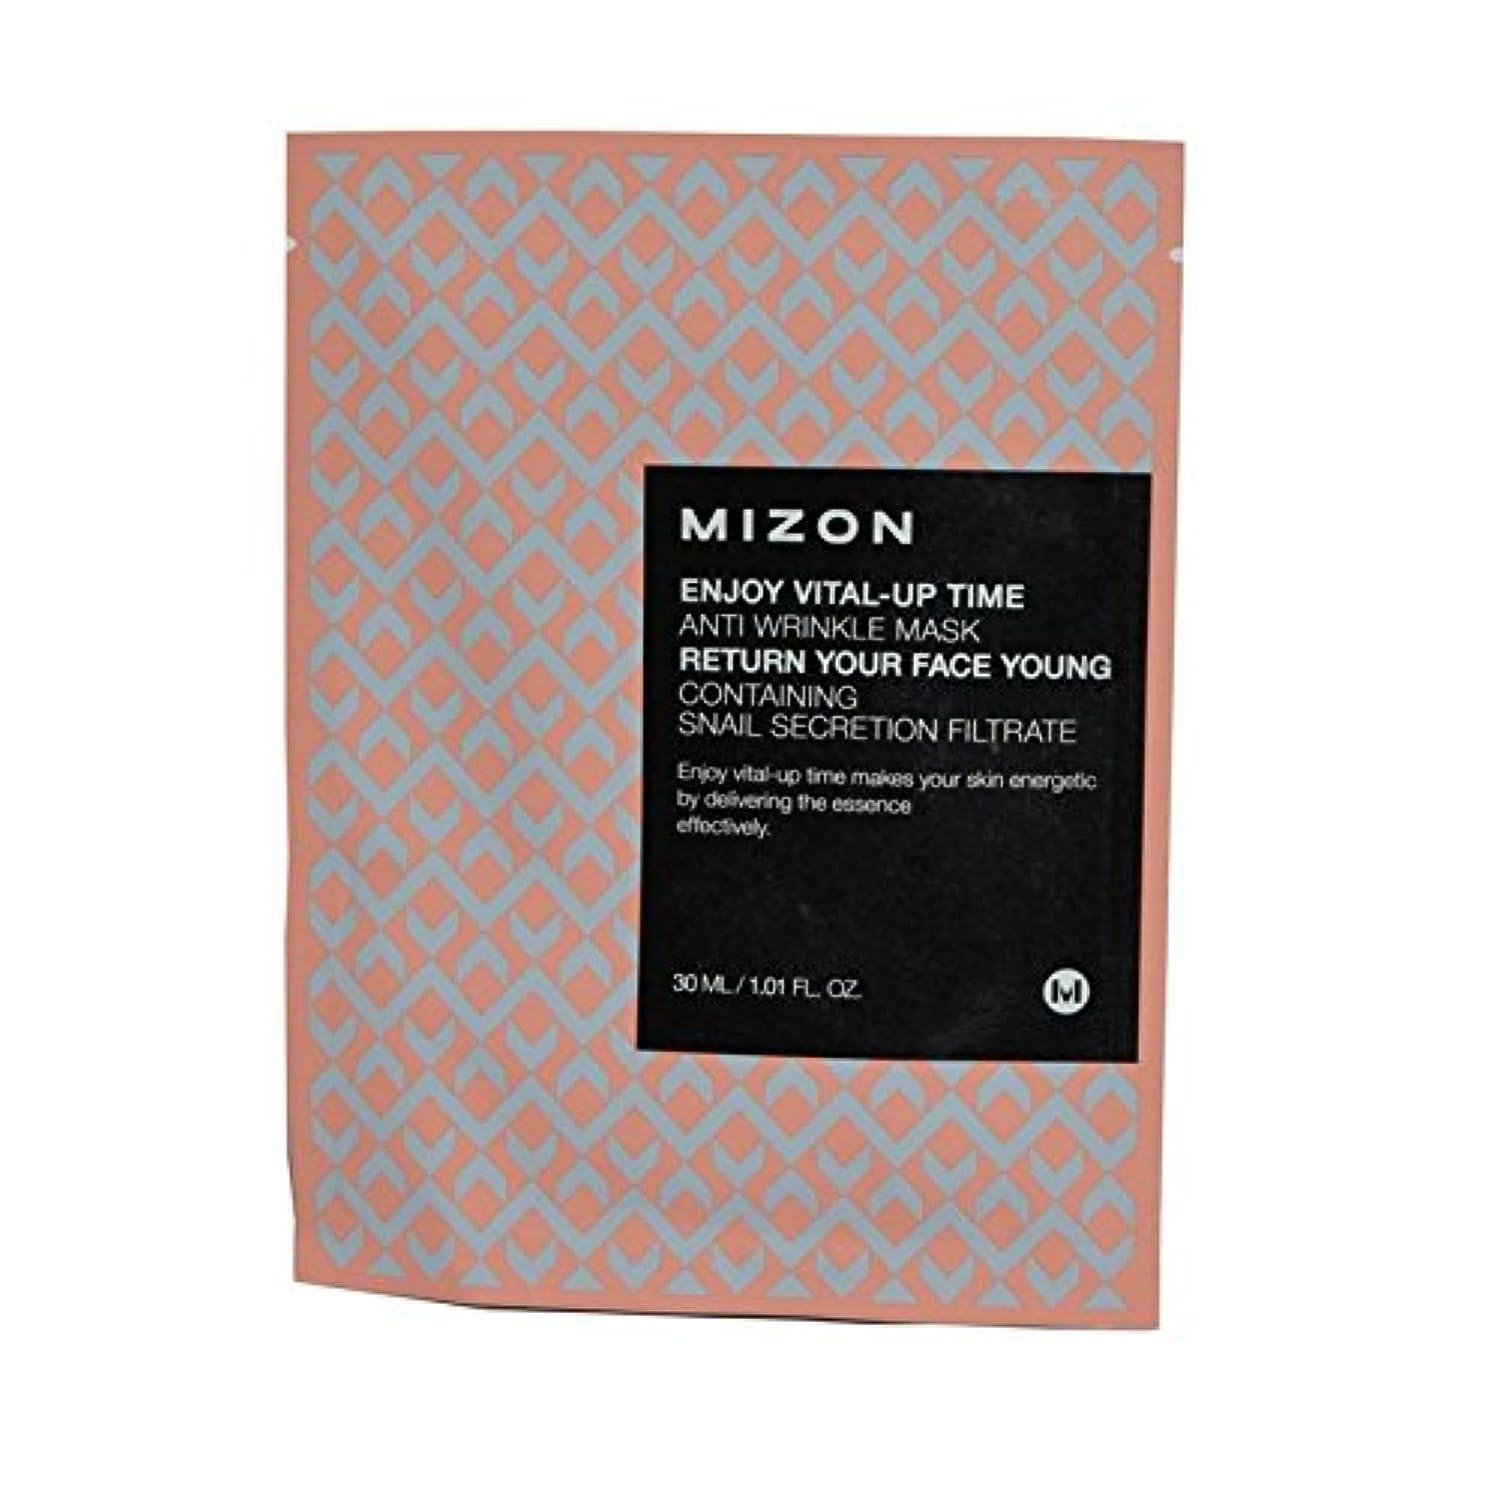 メッシュ傾斜塩辛いが不可欠アップ時間抗しわマスクを楽しみます x4 - Mizon Enjoy Vital Up Time Anti-Wrinkle Mask (Pack of 4) [並行輸入品]